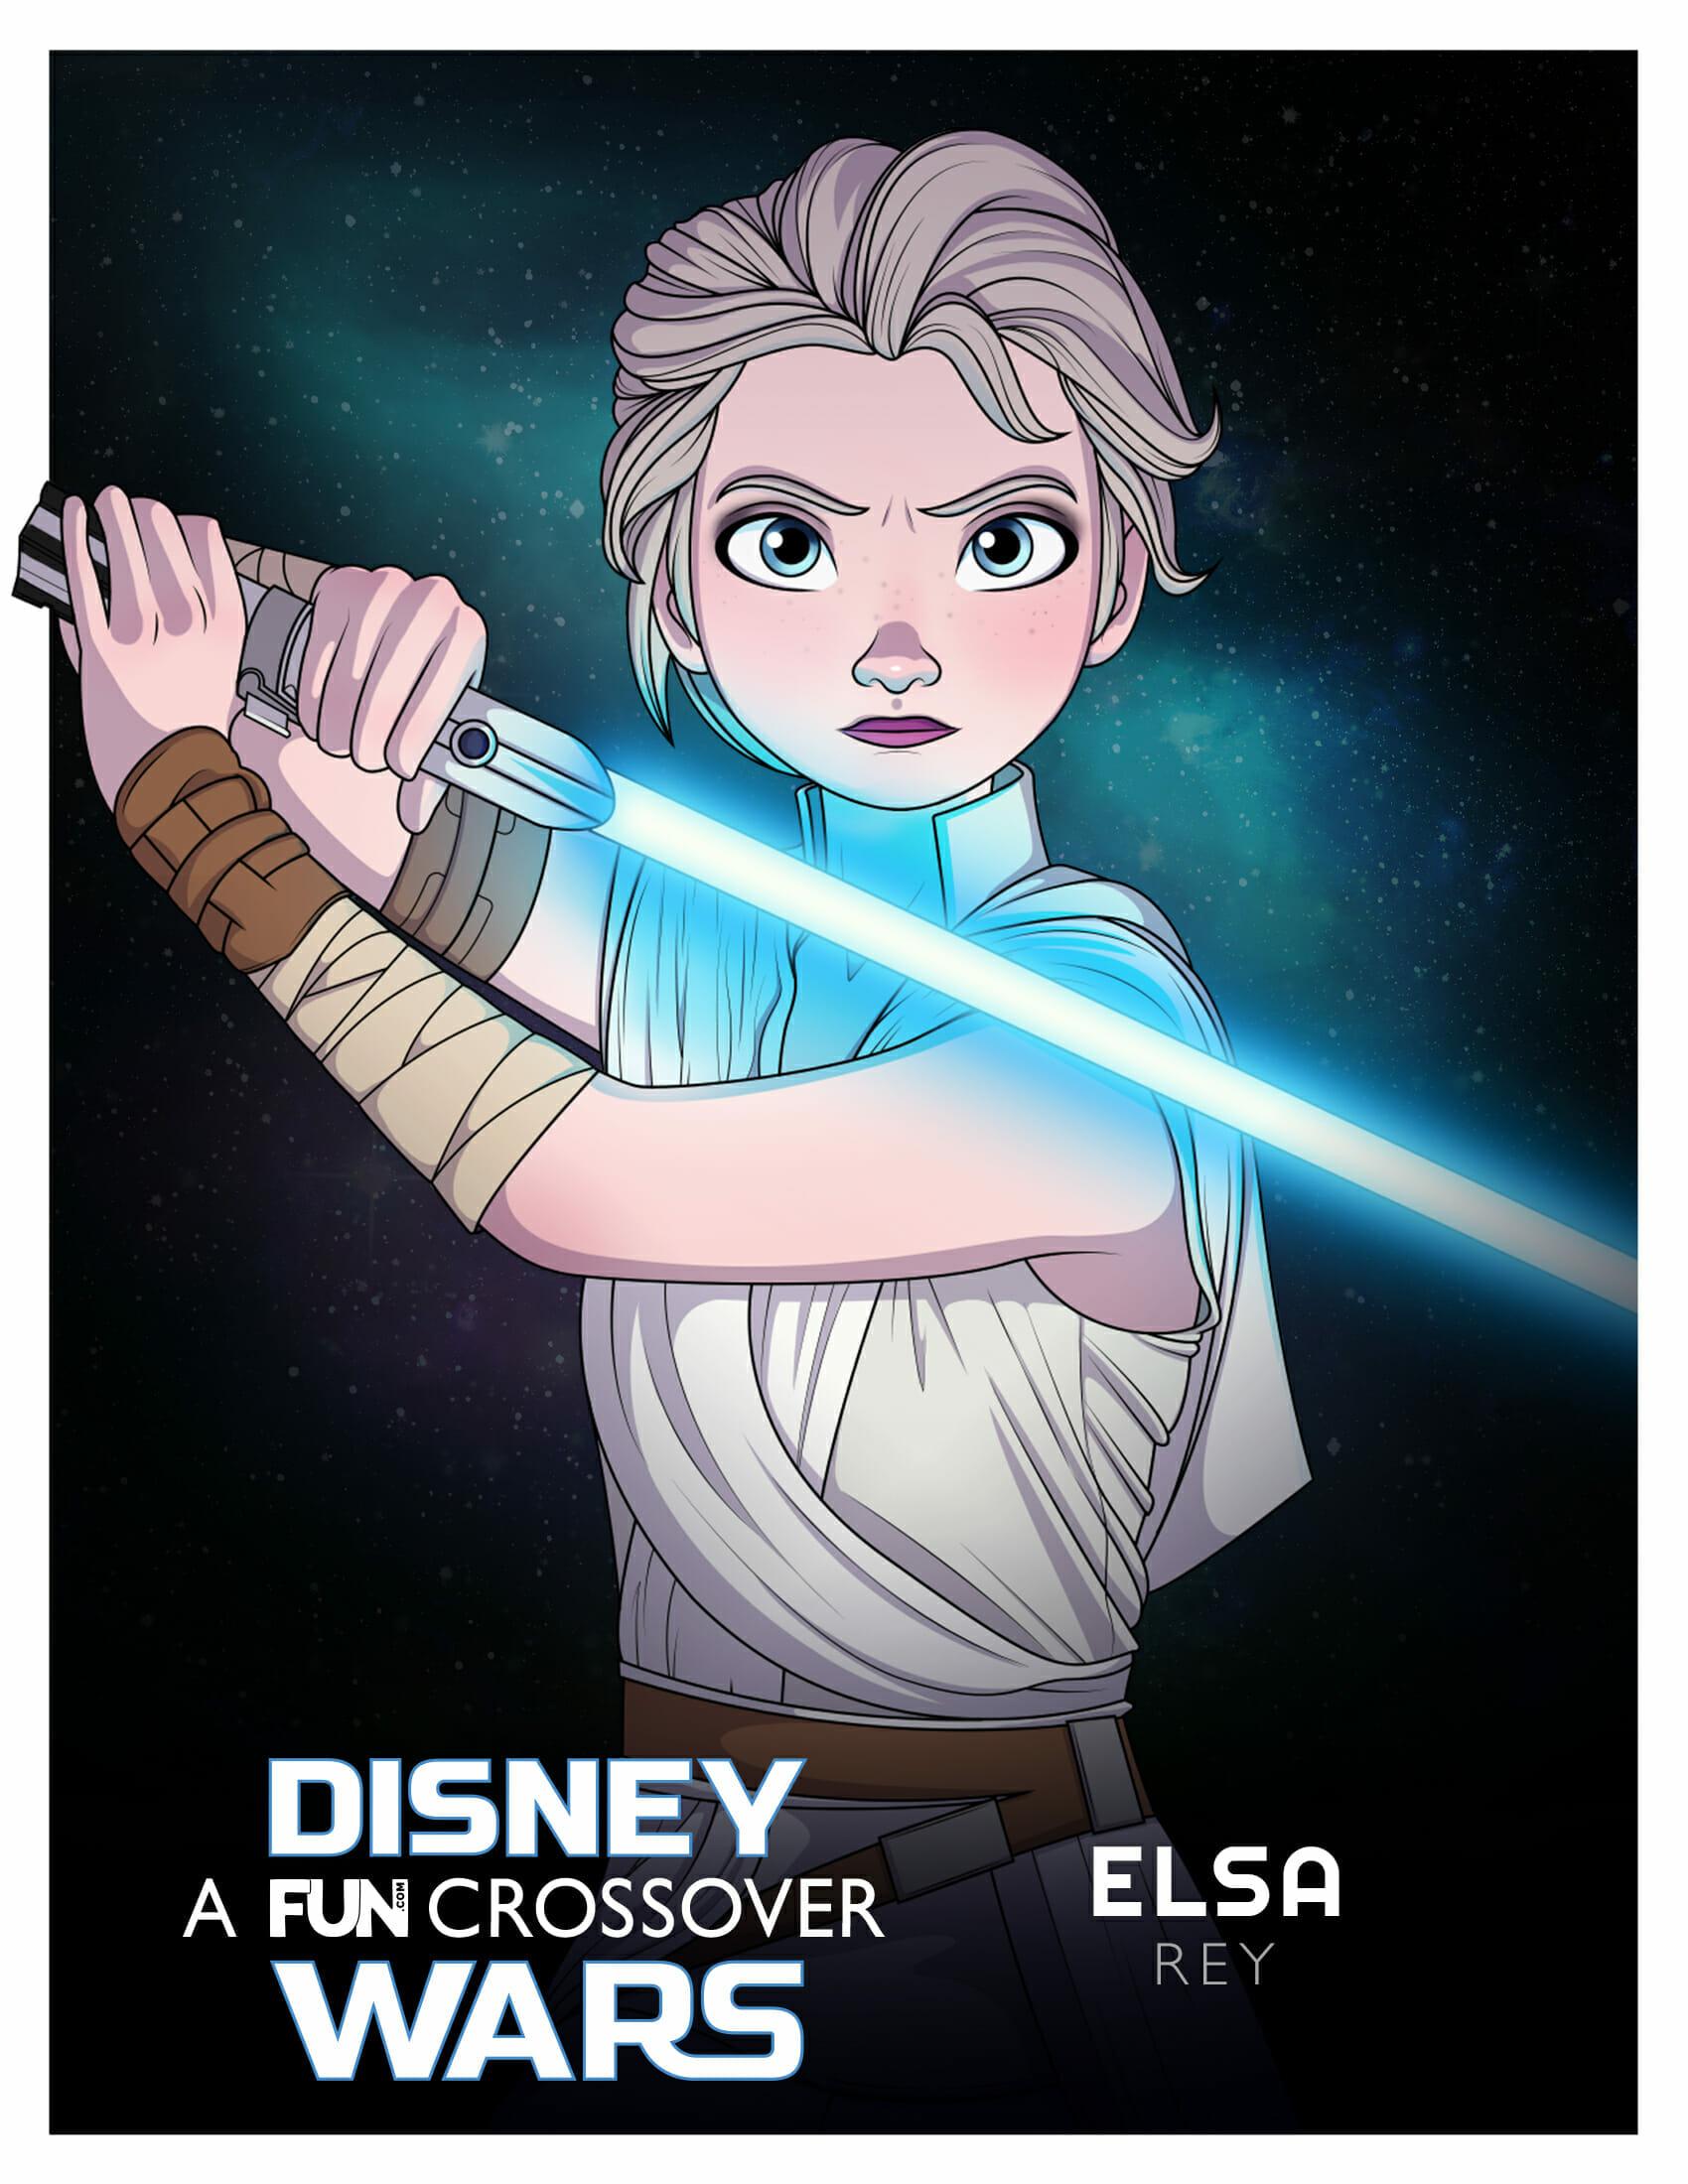 Elsa Rey